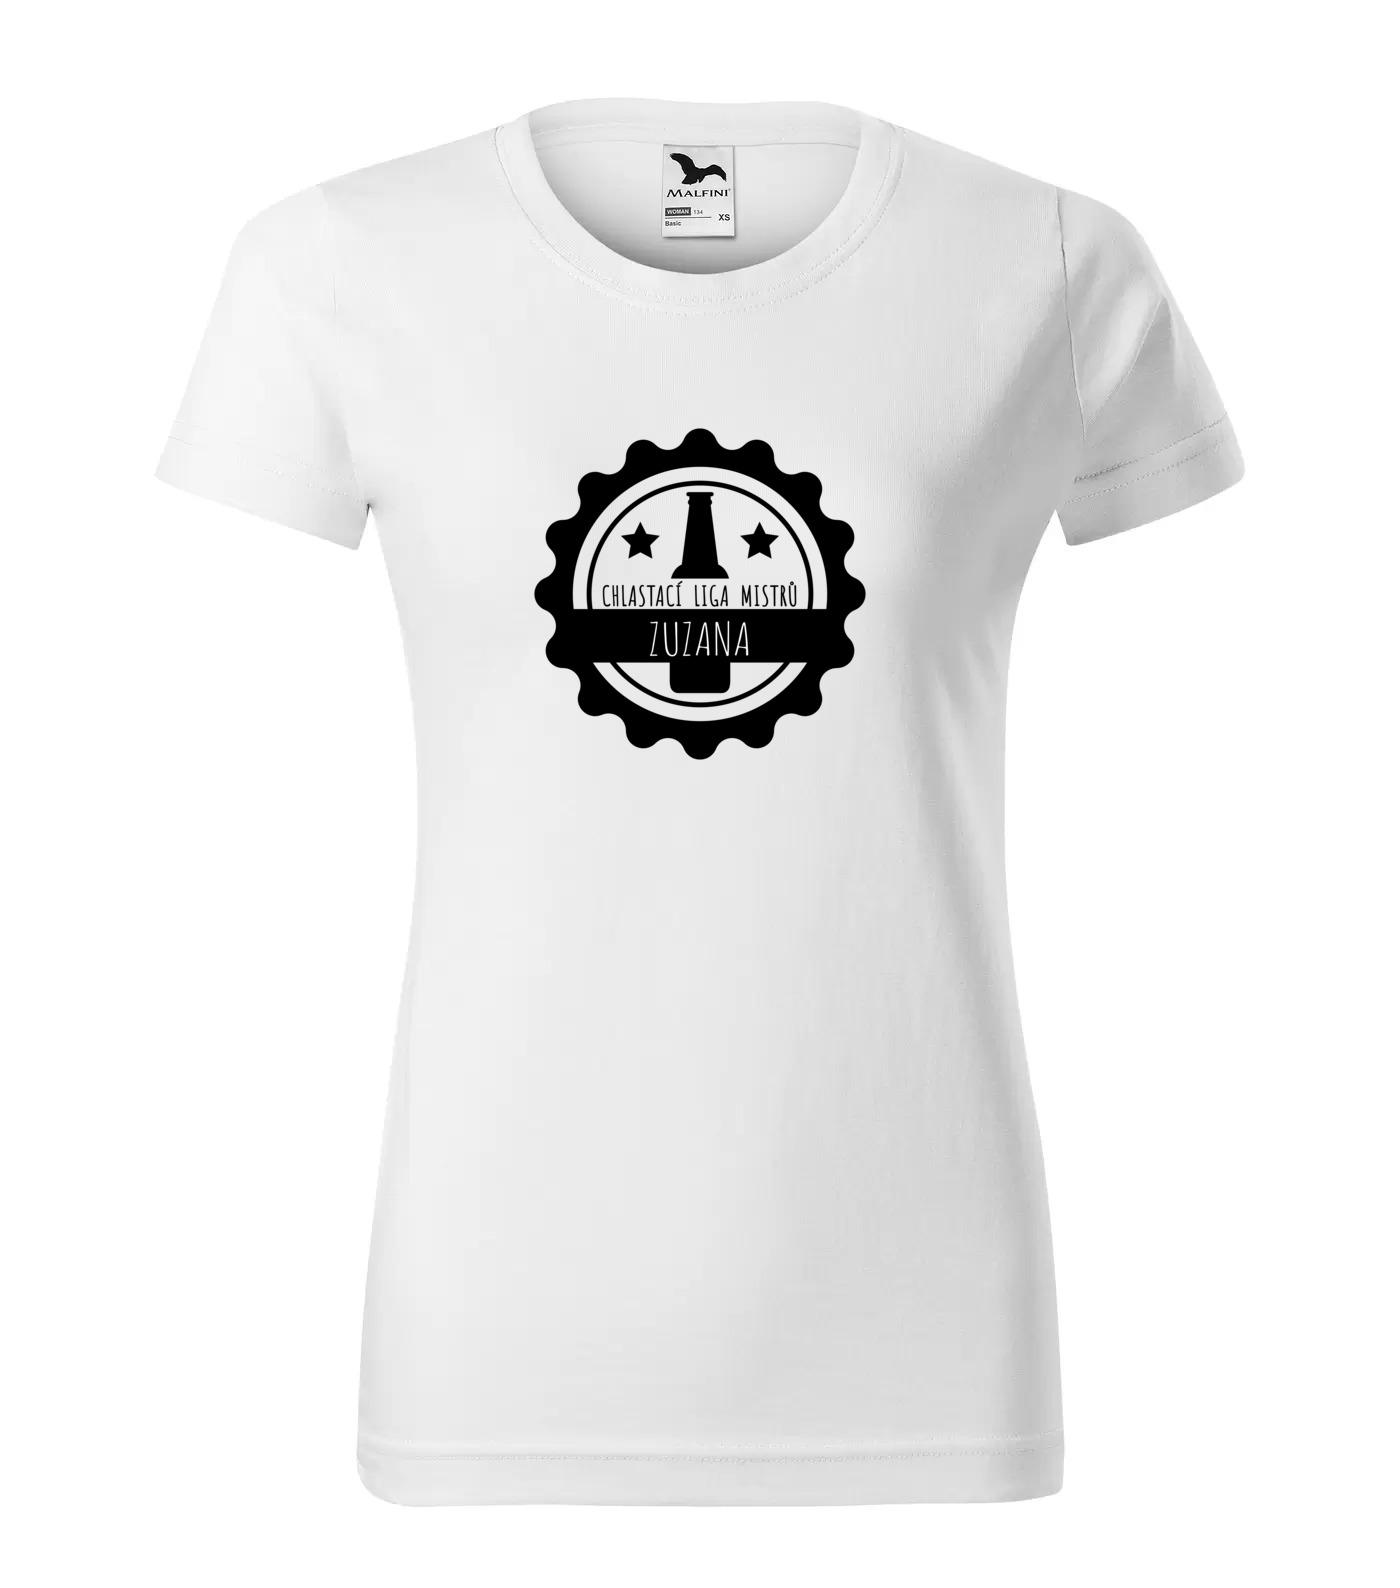 Tričko Chlastací liga žen Zuzana